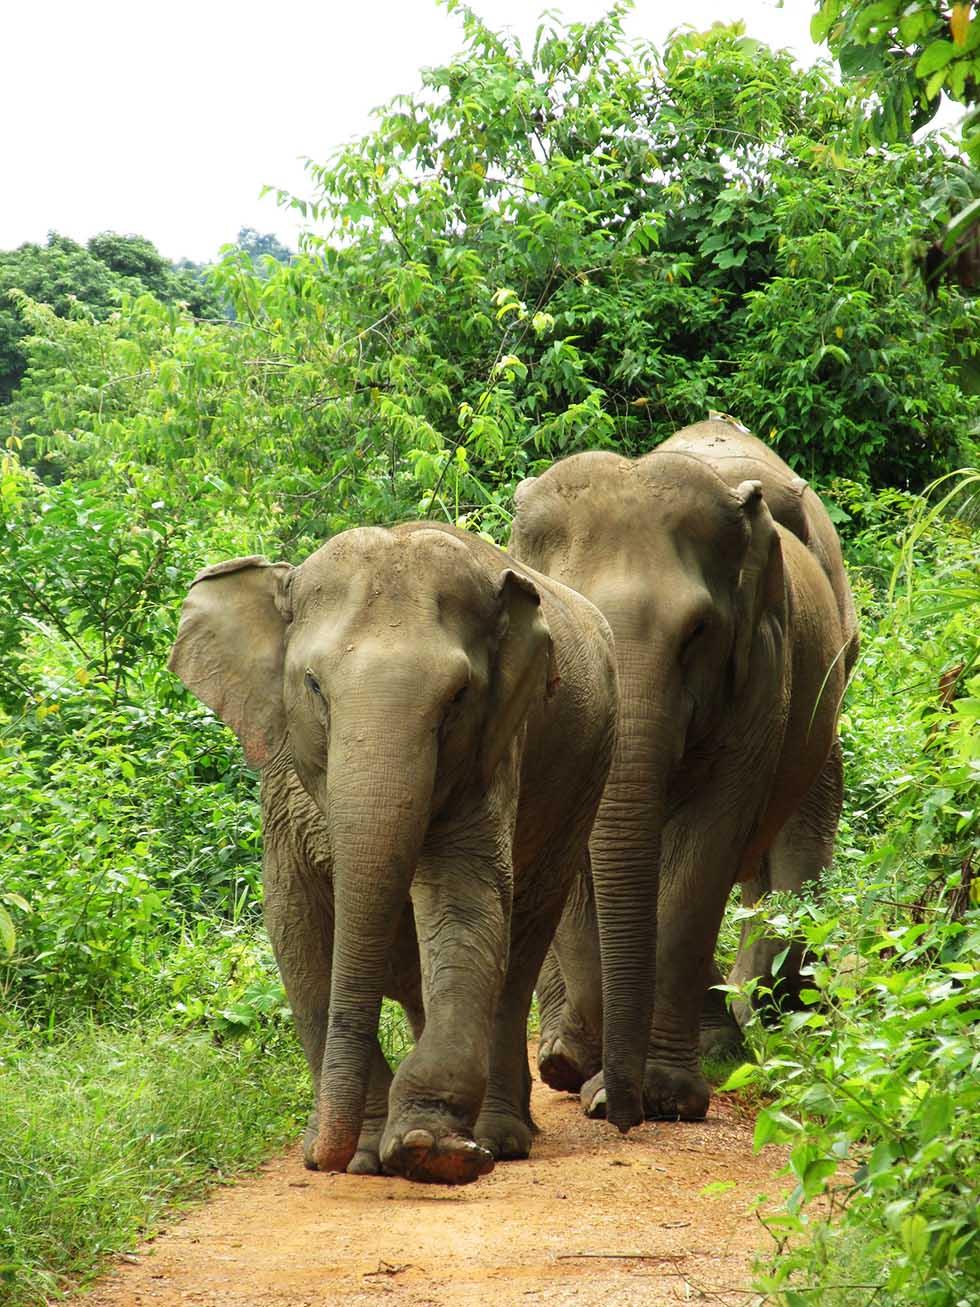 Happy elephants in Sukhothai